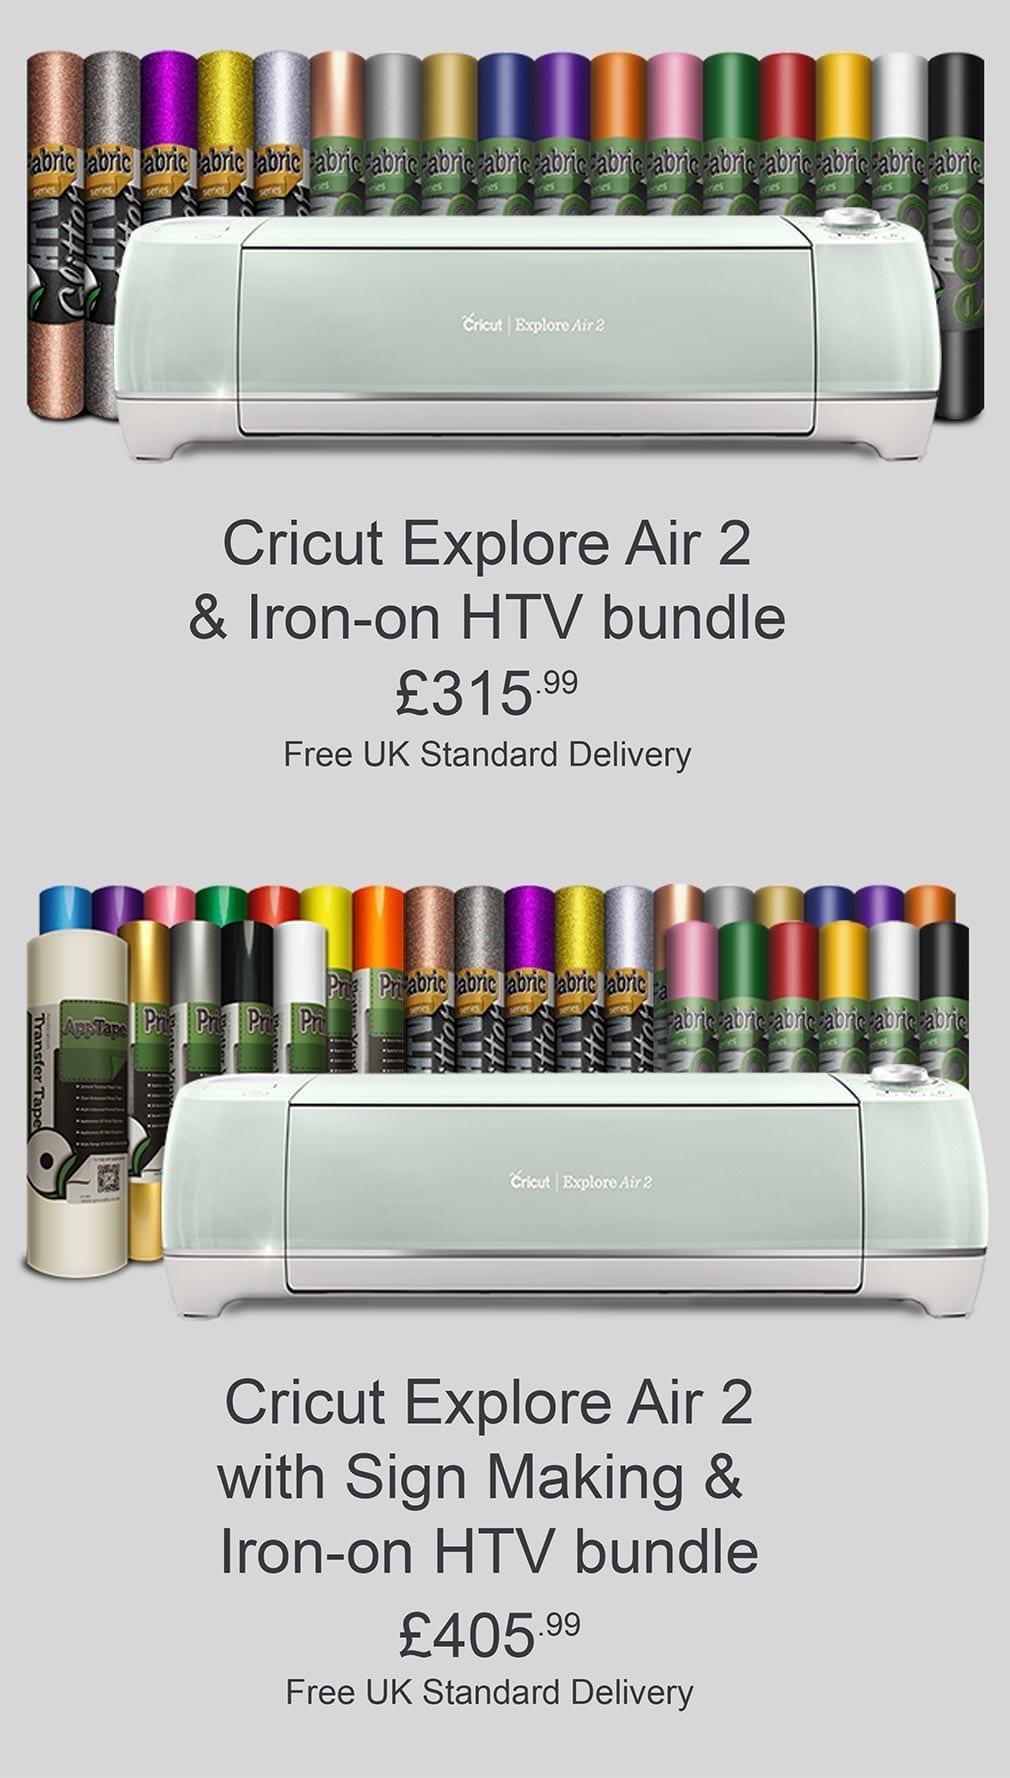 Mobile-Cricut-Explore-Air-2-Vinyl-Bundles-From-GM-Crafts-2